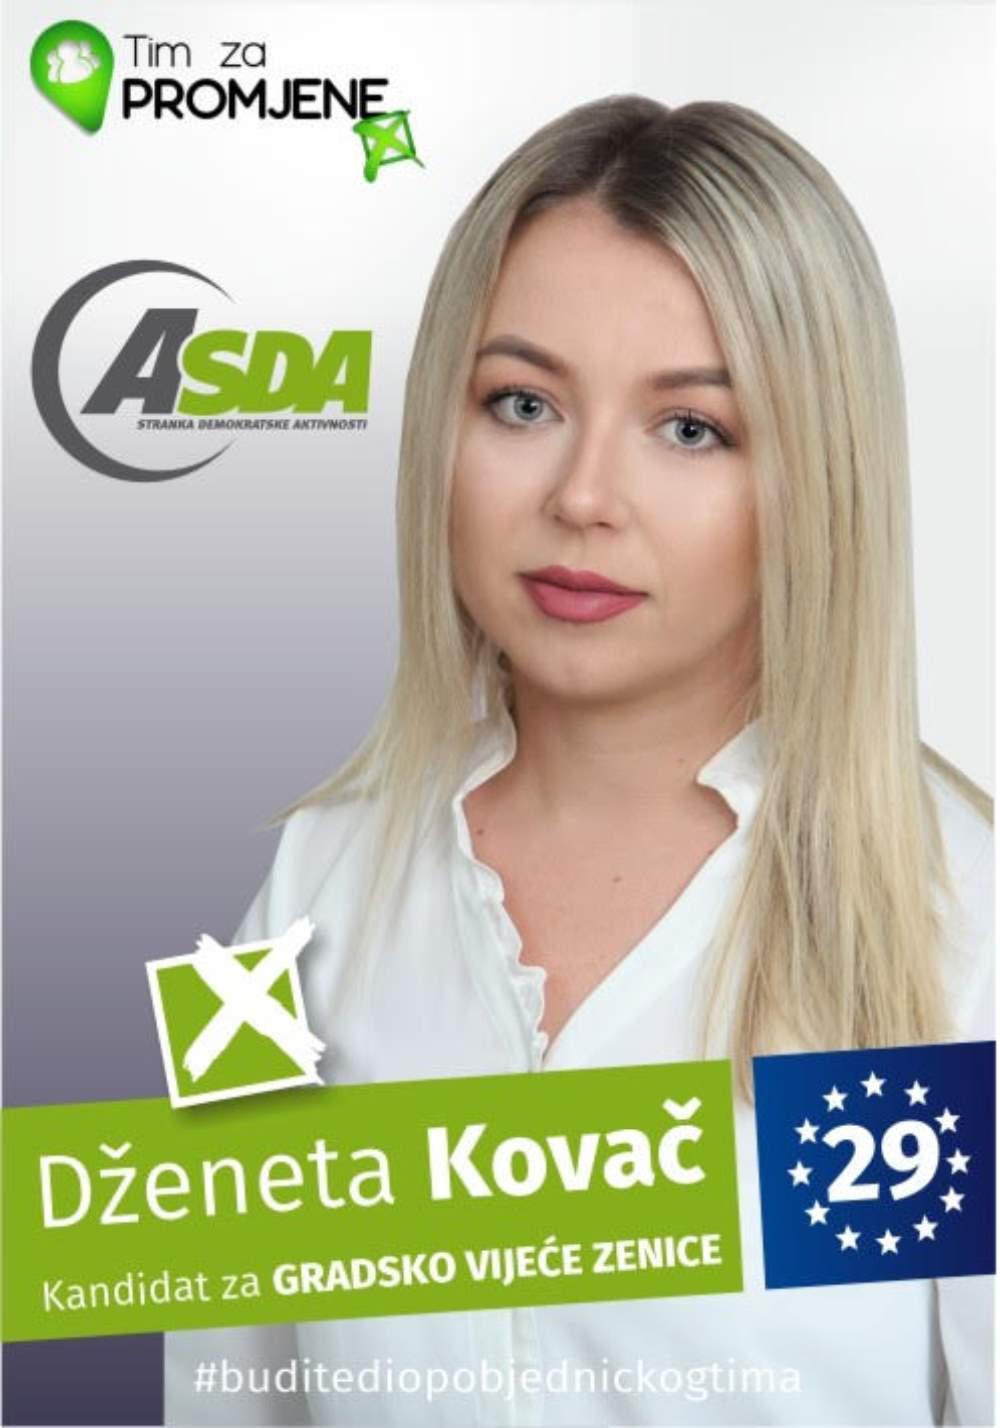 Dženeta Kovač